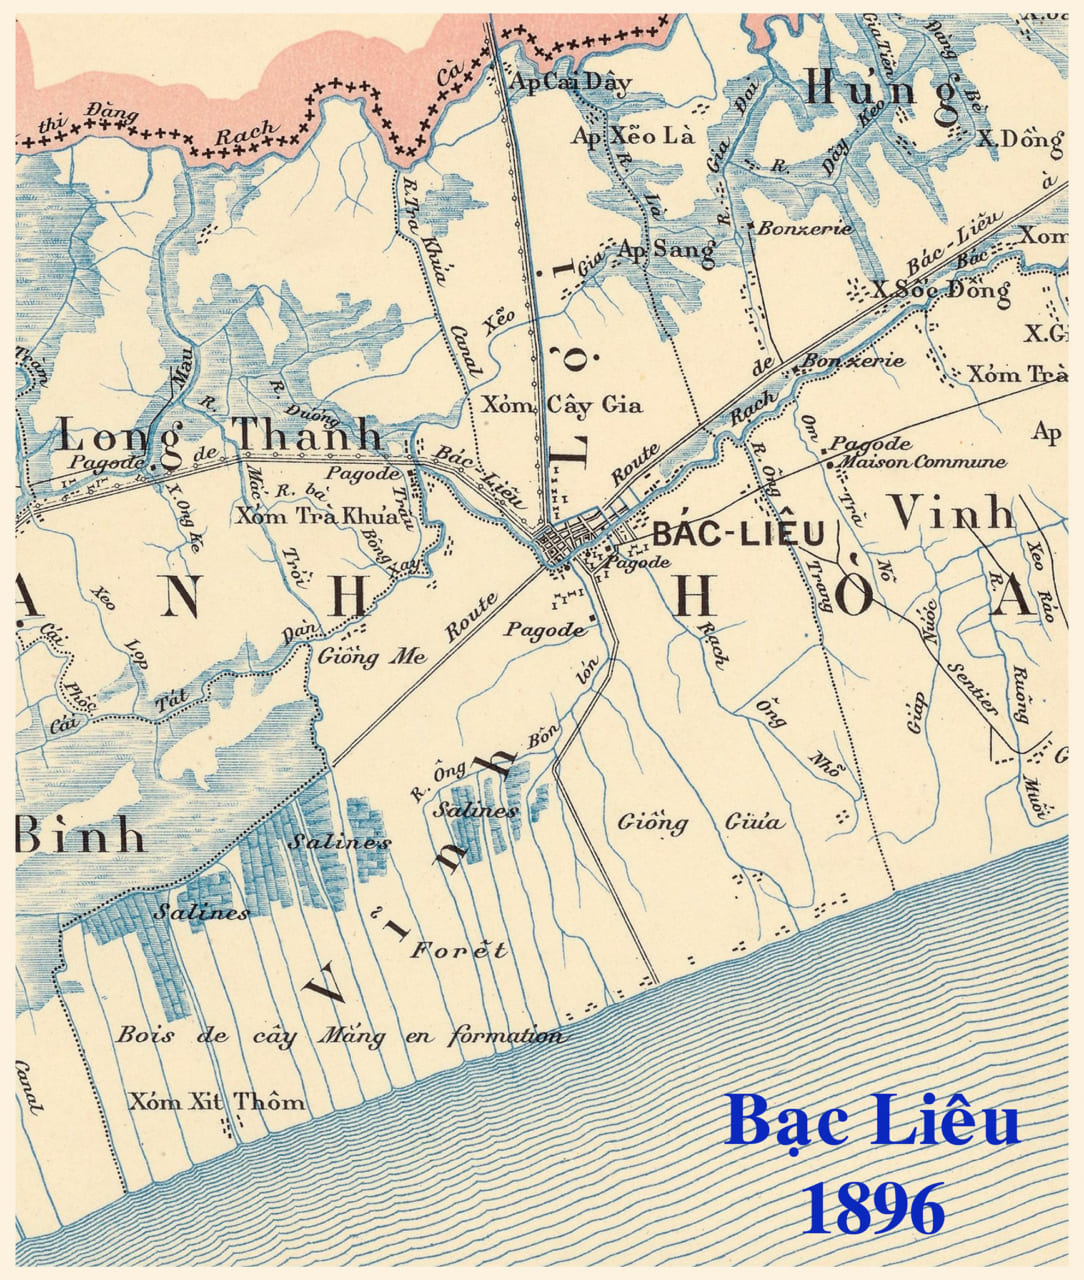 Bản đồ Bạc Liêu năm 1896